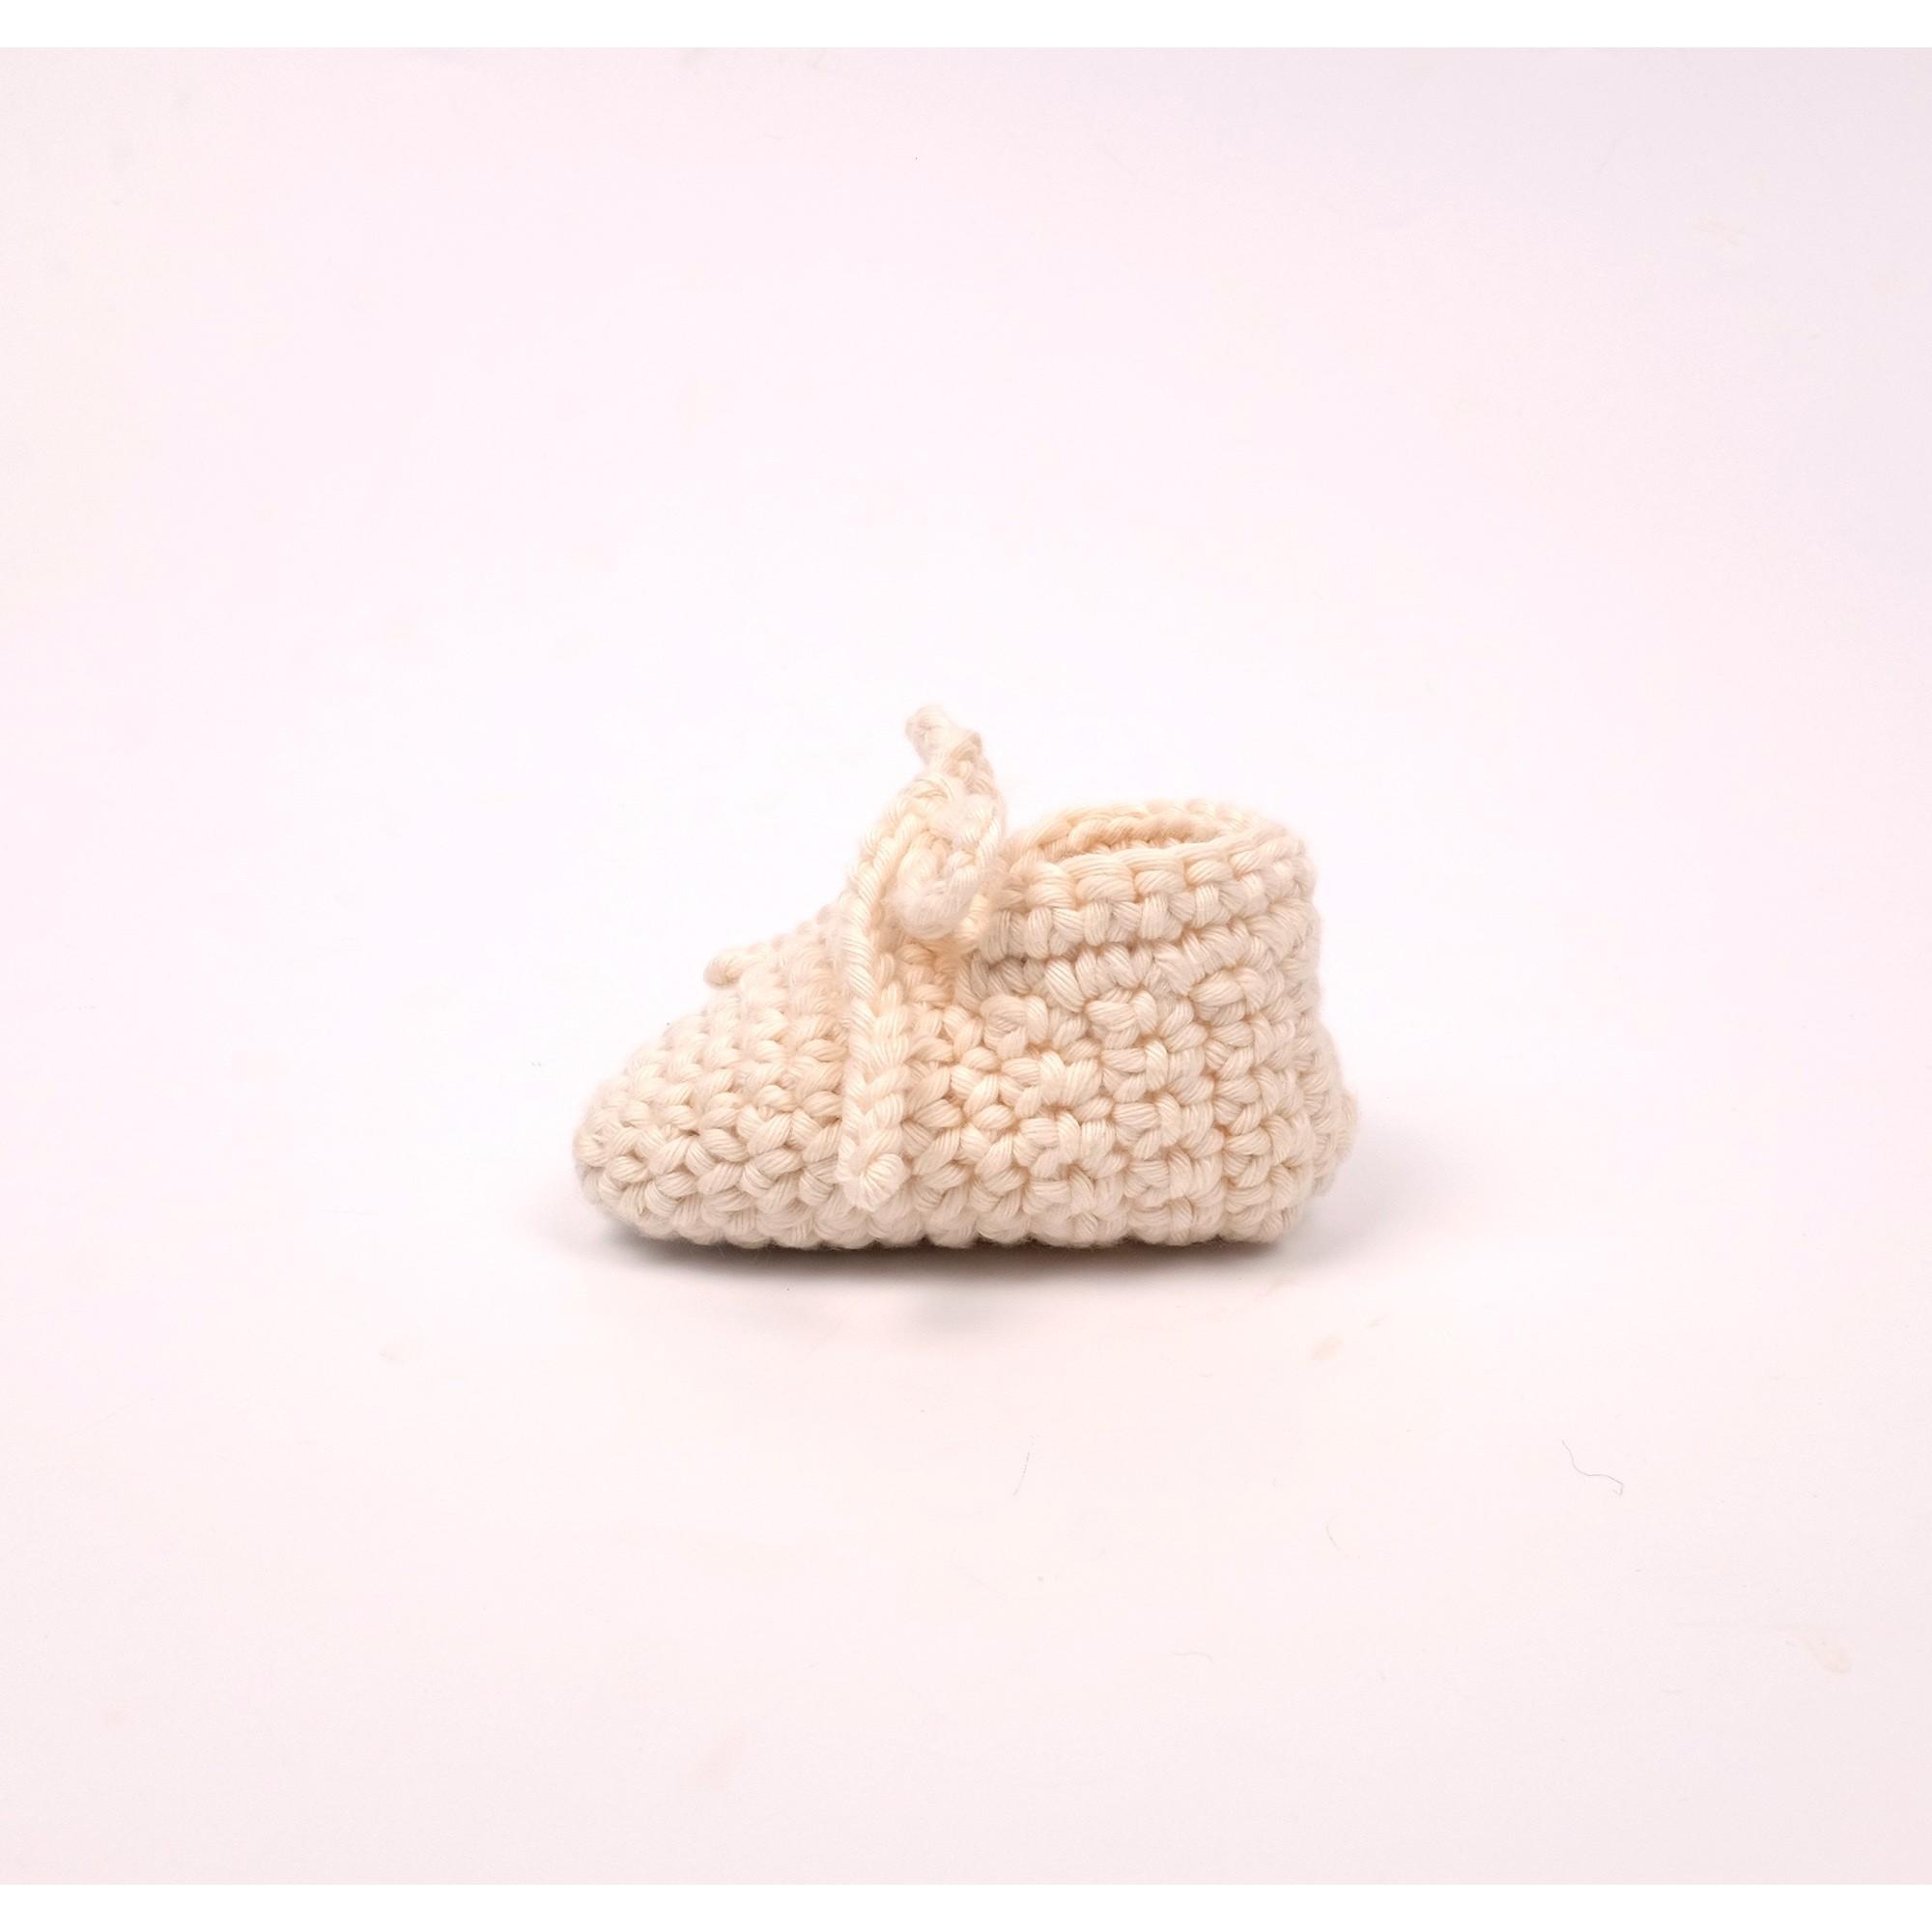 Chaussons Raymond pour bébé - coloris écru - autre vue